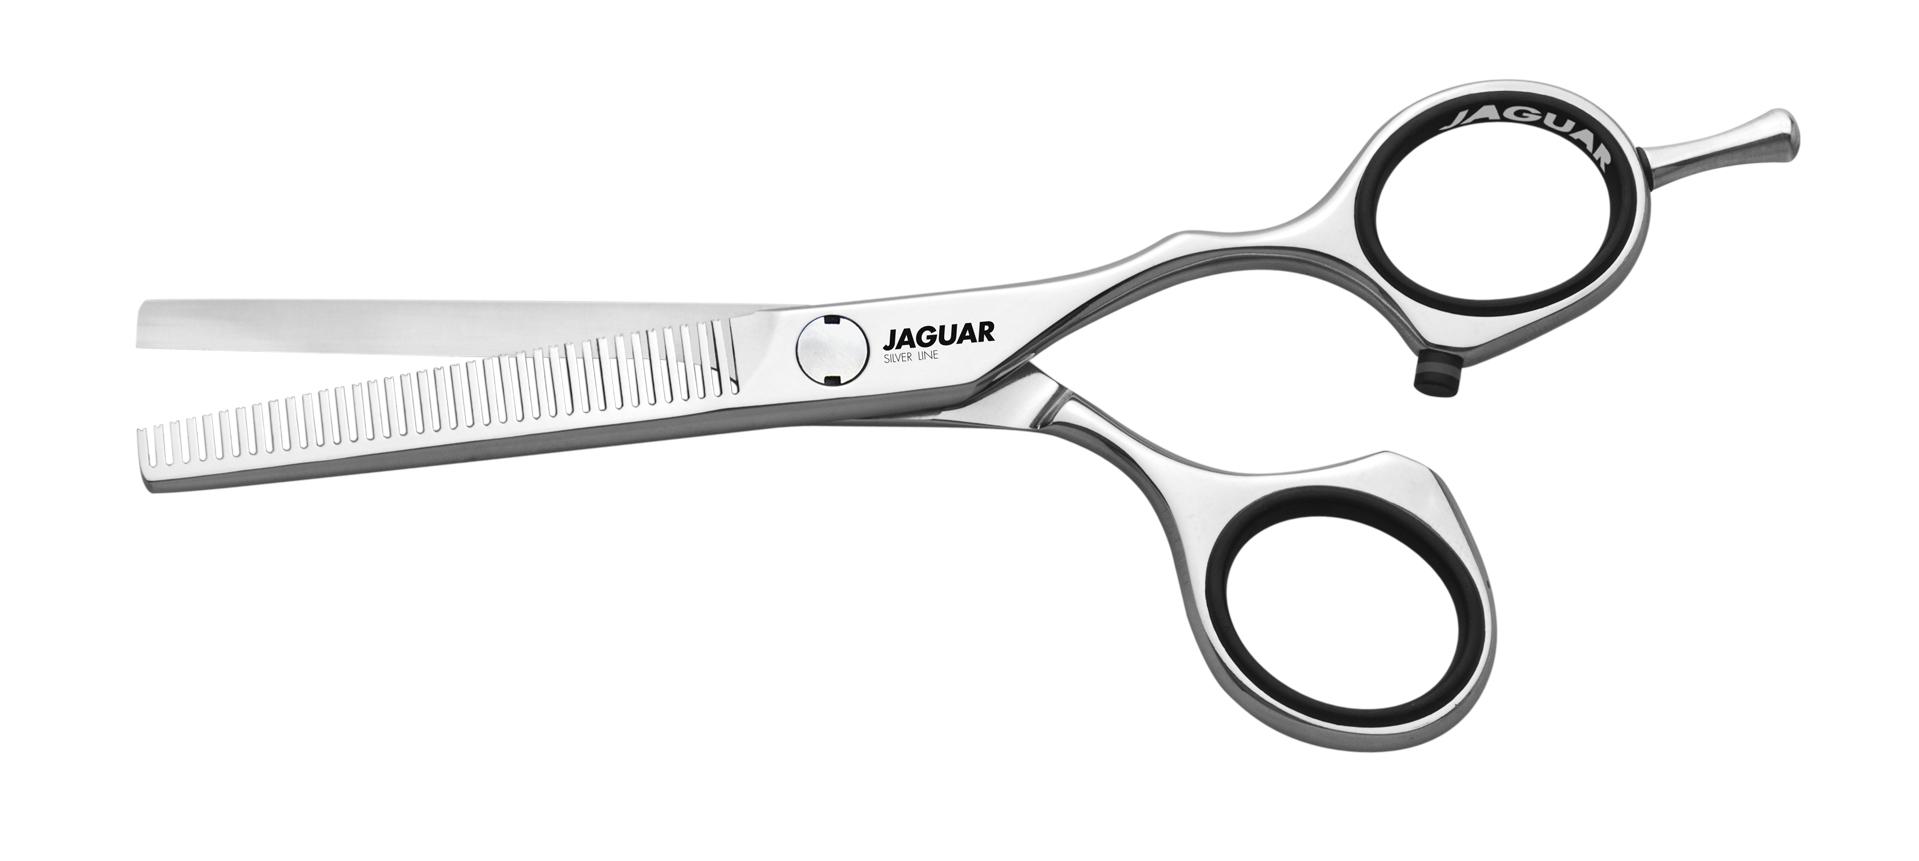 JAGUAR Ножницы A CM 36 фил. 5.25' *** jaguar ножницы a cm 40 фил 5